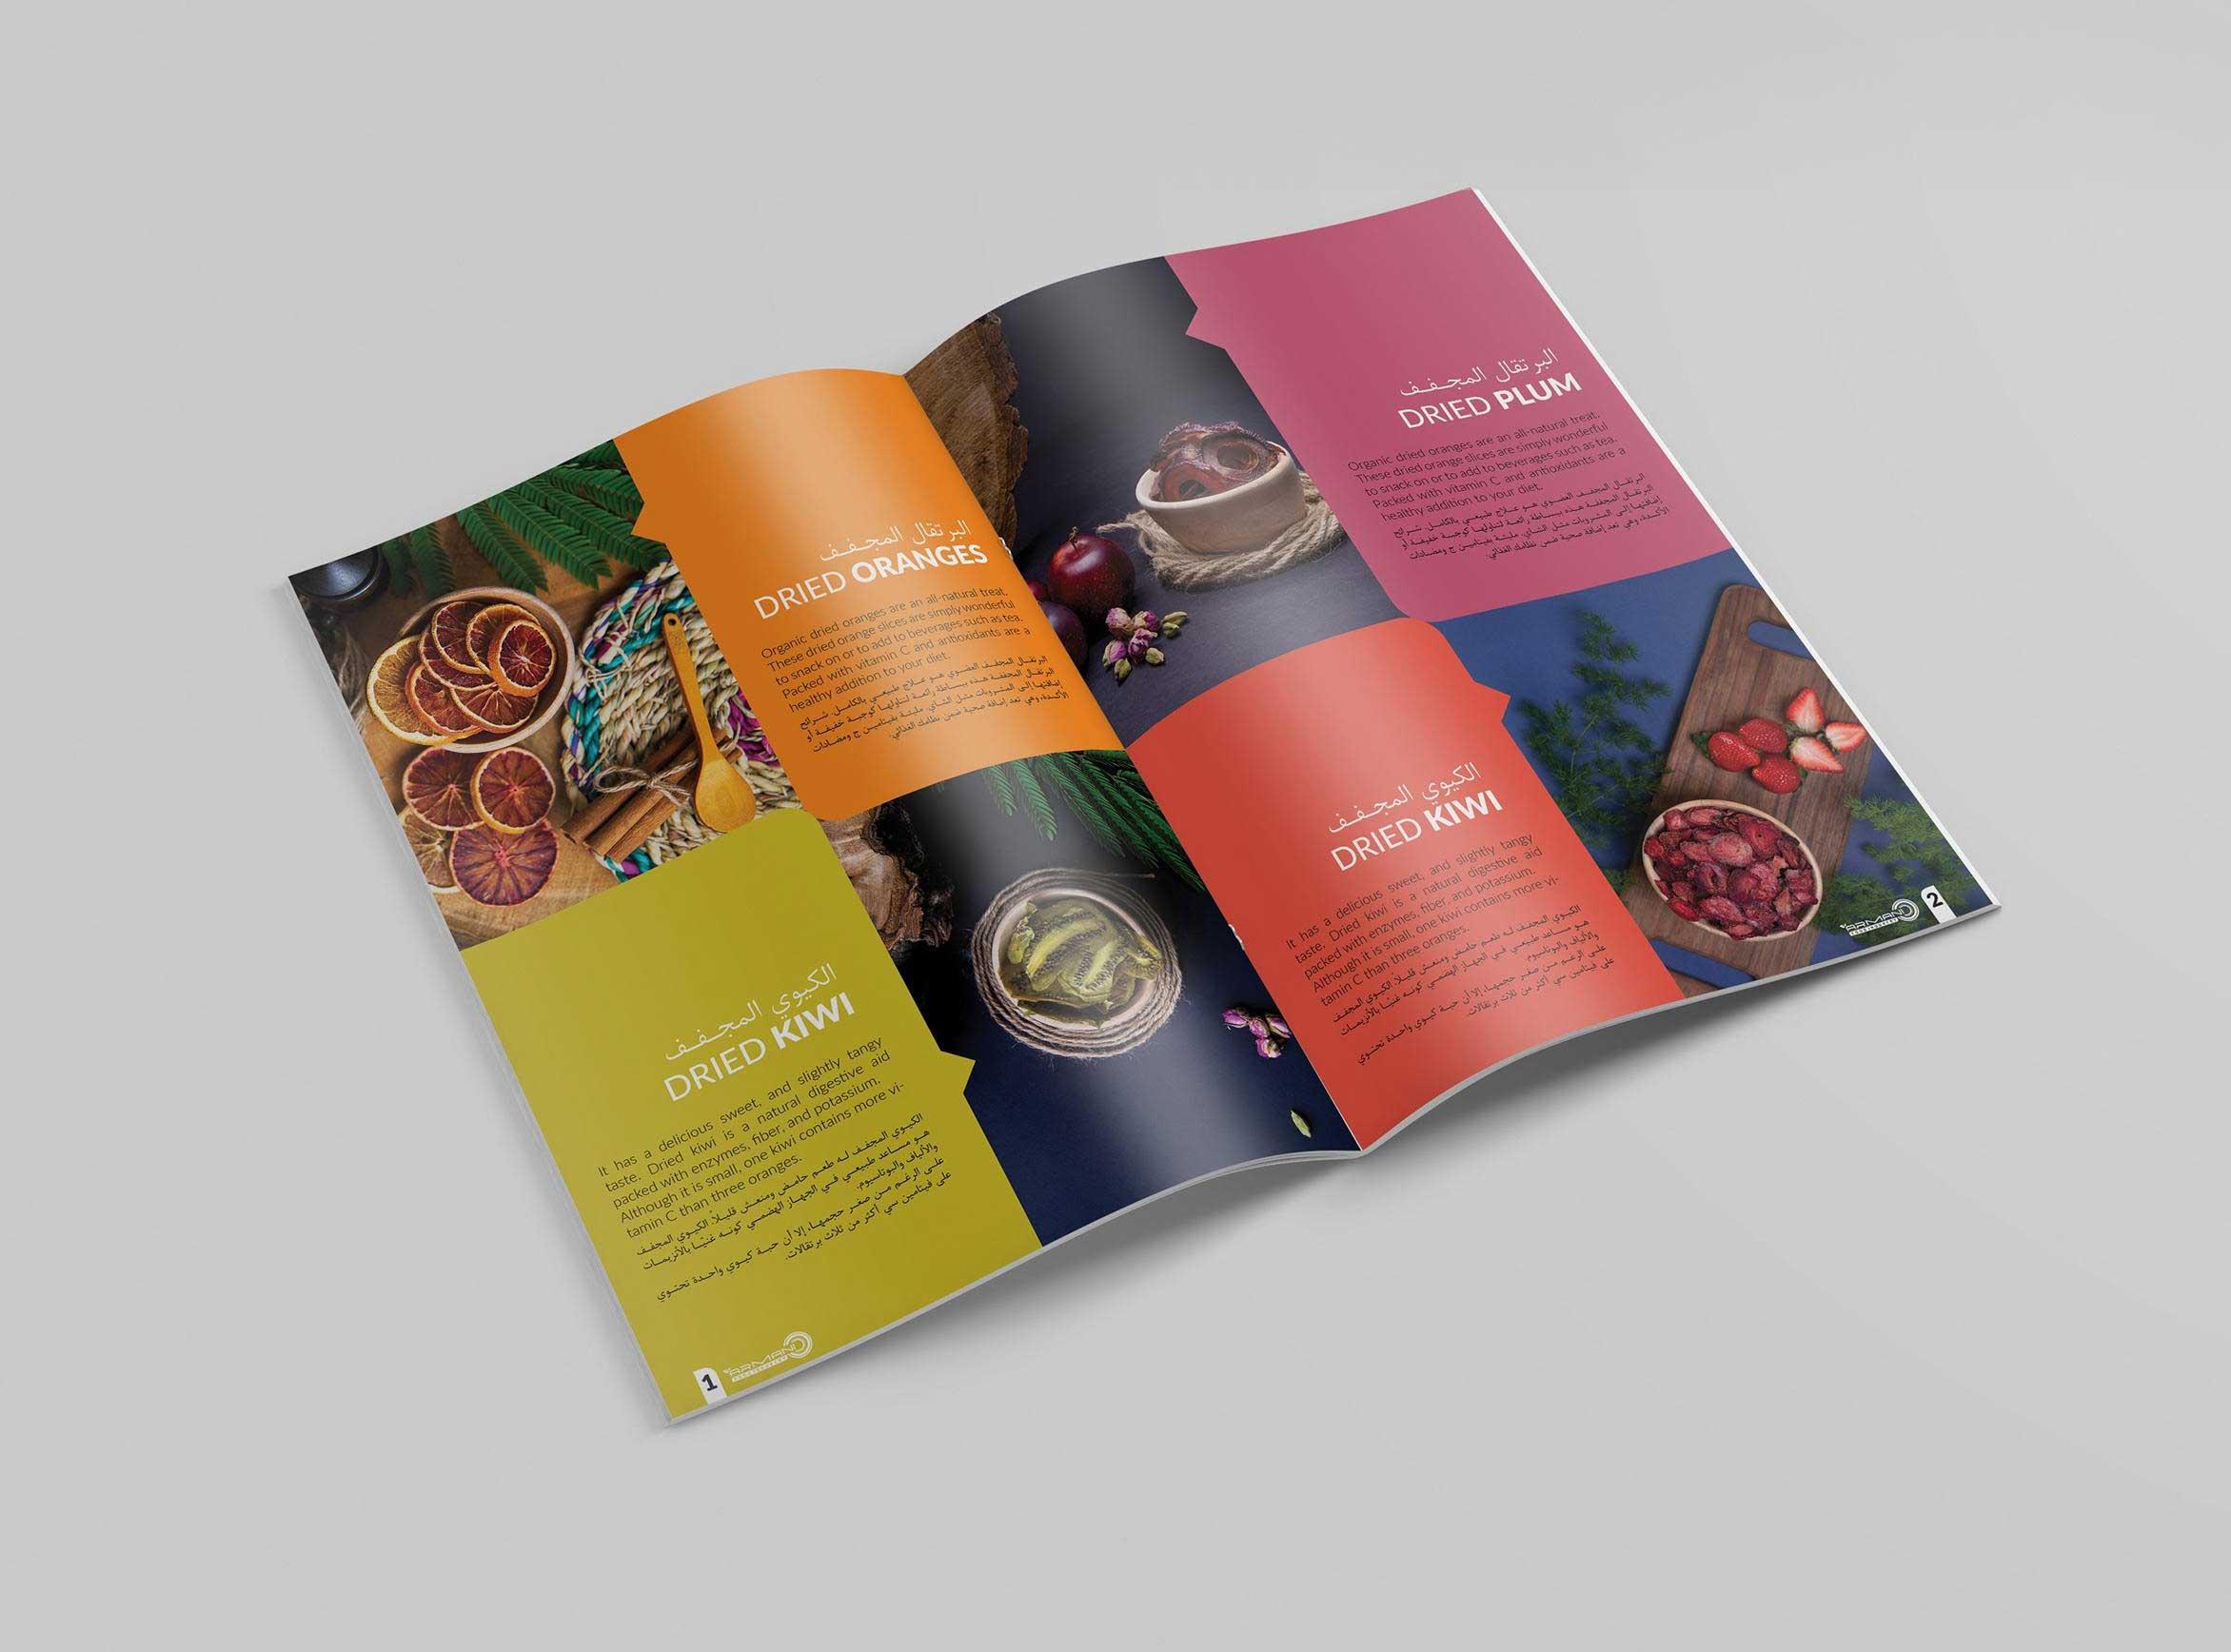 نمونه کار کاتالوگ دیجیتال تبلیغاتی محصولات میوه خشک شرکت آرمانی در فتوشاپ